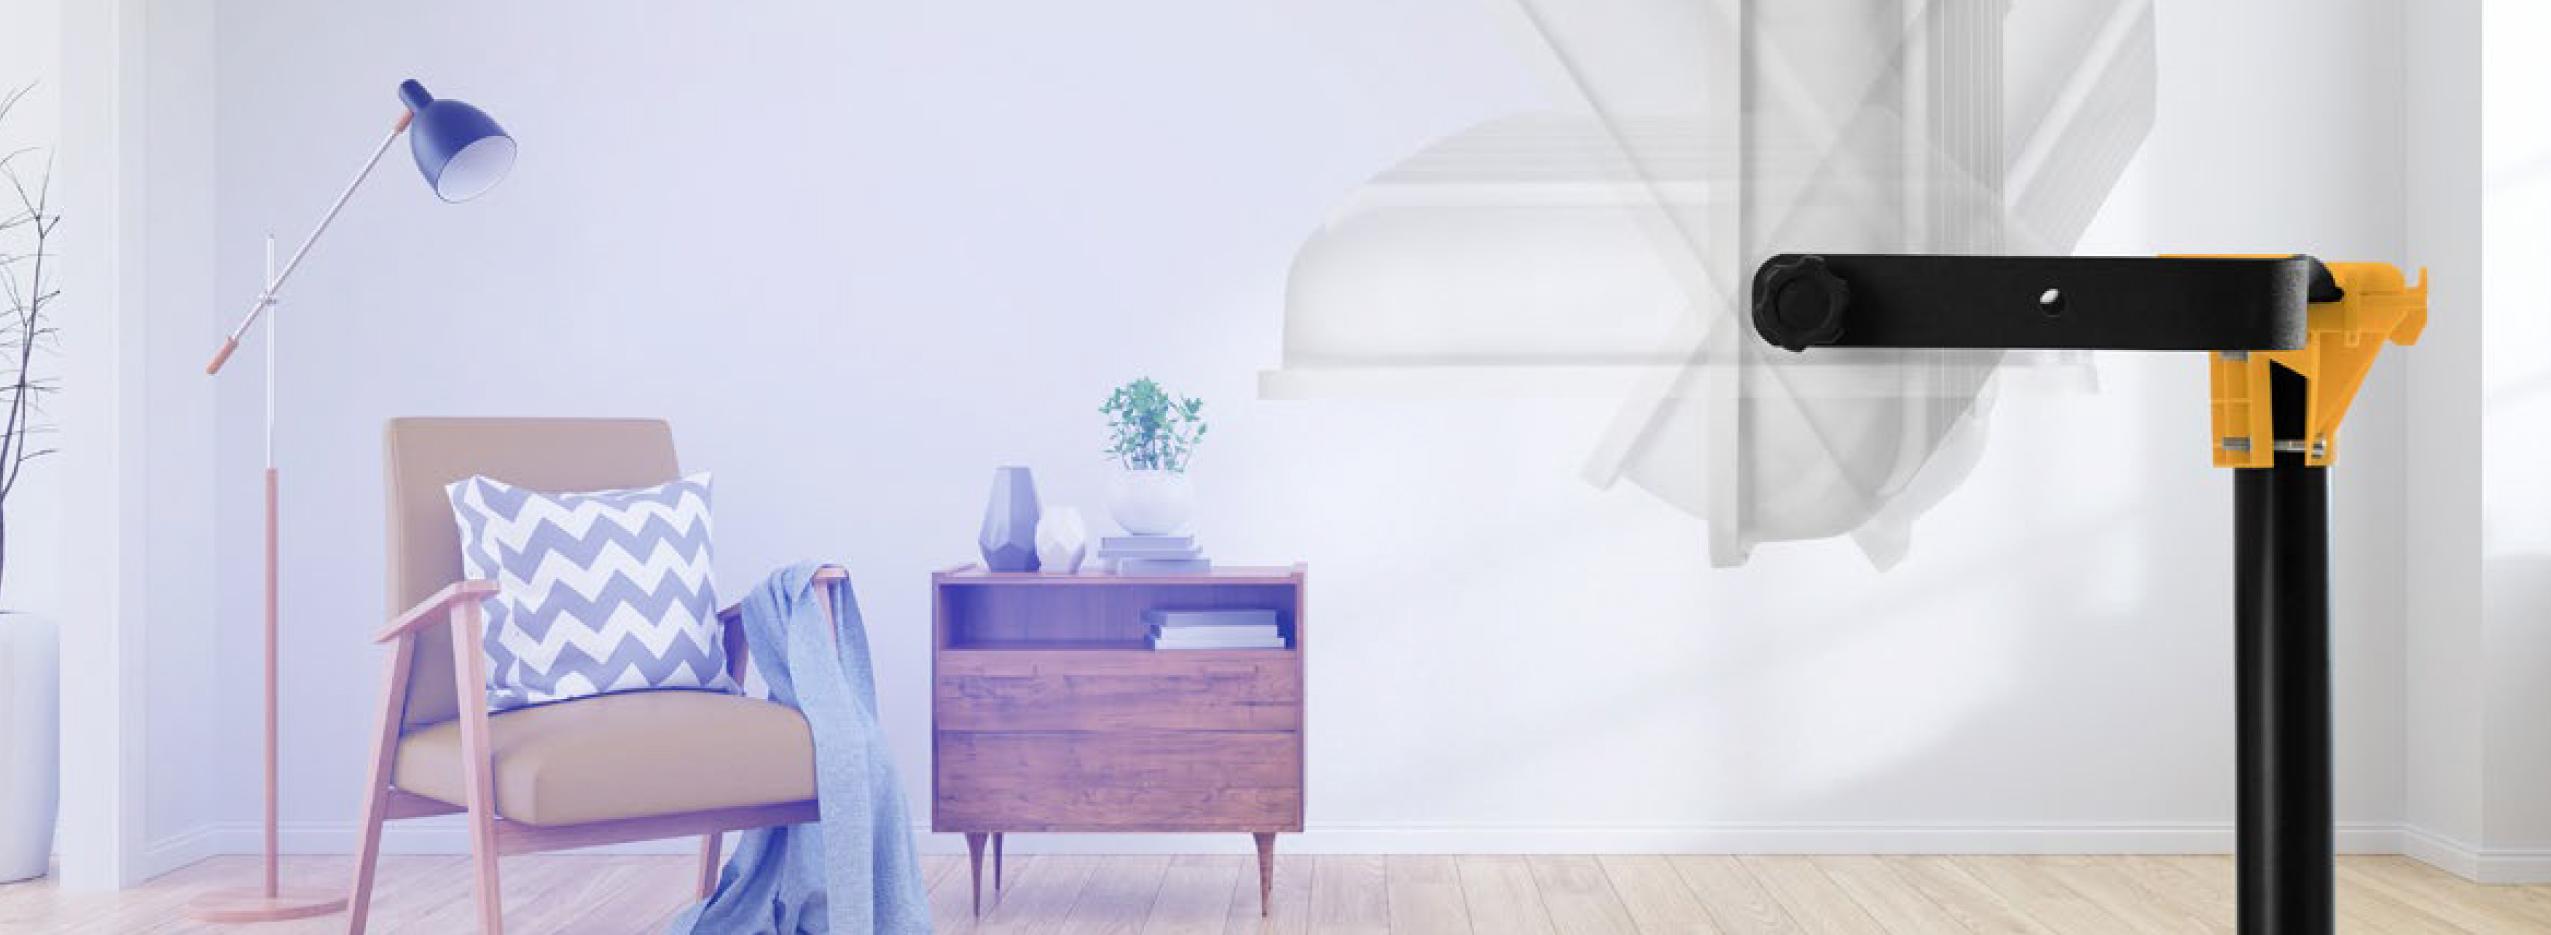 лампа для дезинфекции помещения